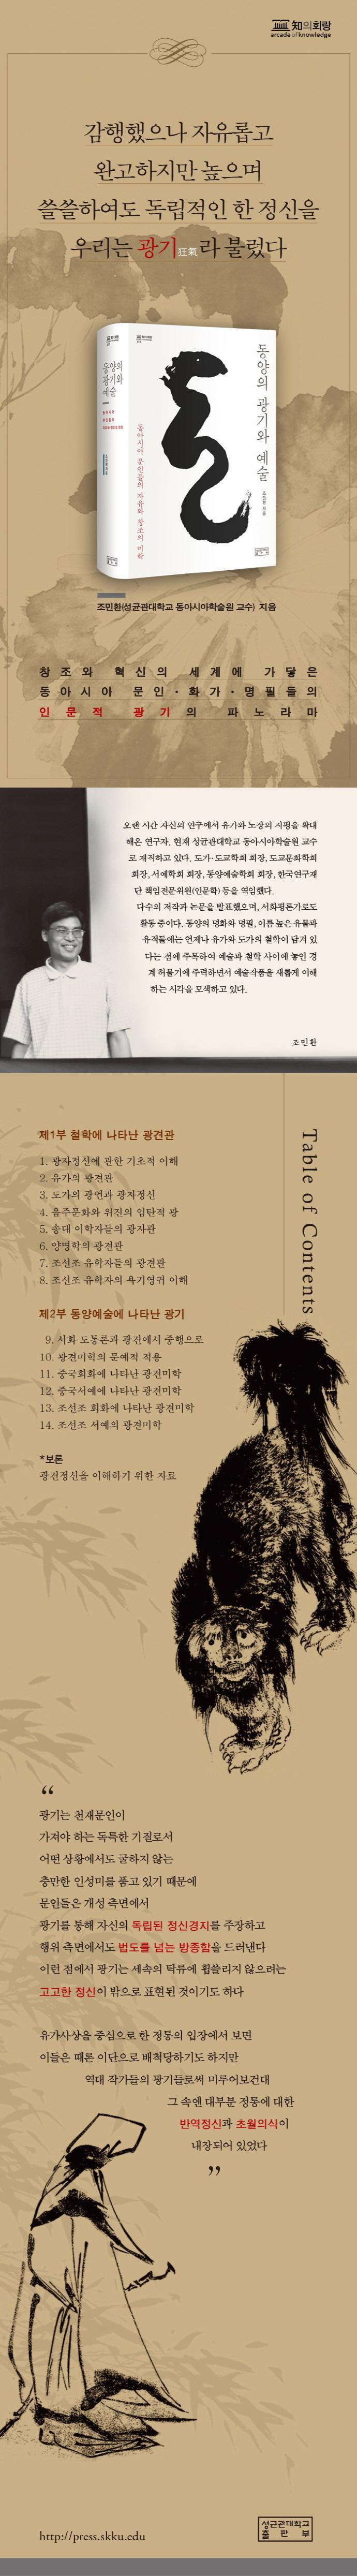 동양의 광기와 예술(지의회랑 15)(양장본 HardCover) 도서 상세이미지